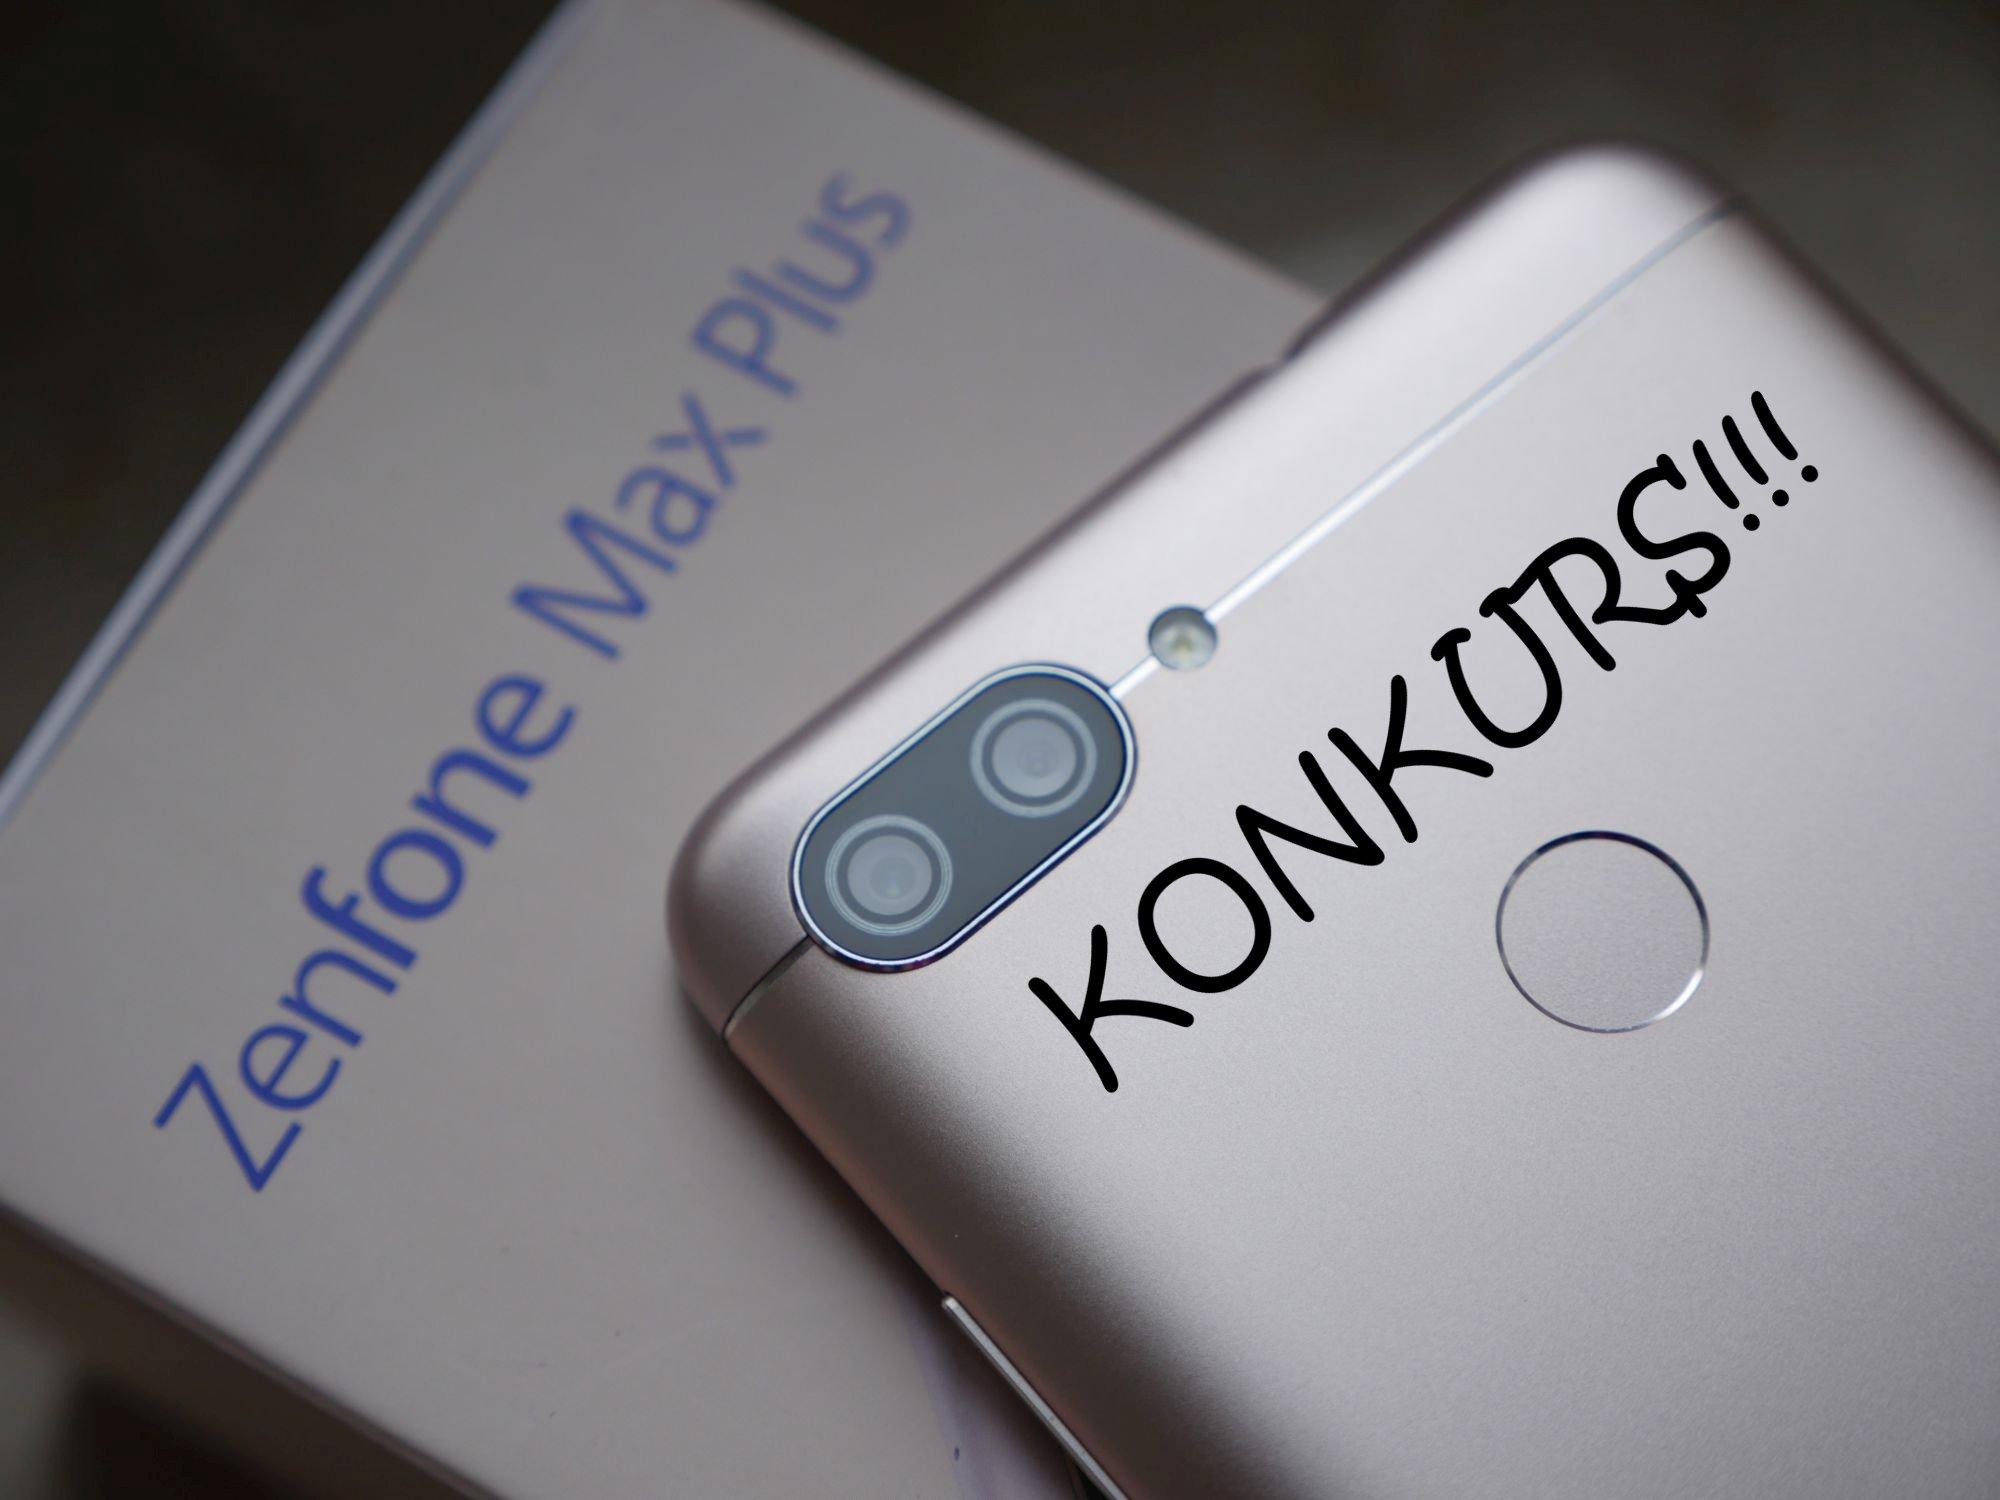 Tabletowo.pl Słoneczny weekend sprzyja kreatywności - wykaż się i wygraj smartfona w naszym konkursie! Android Asus Konkursy Smartfony